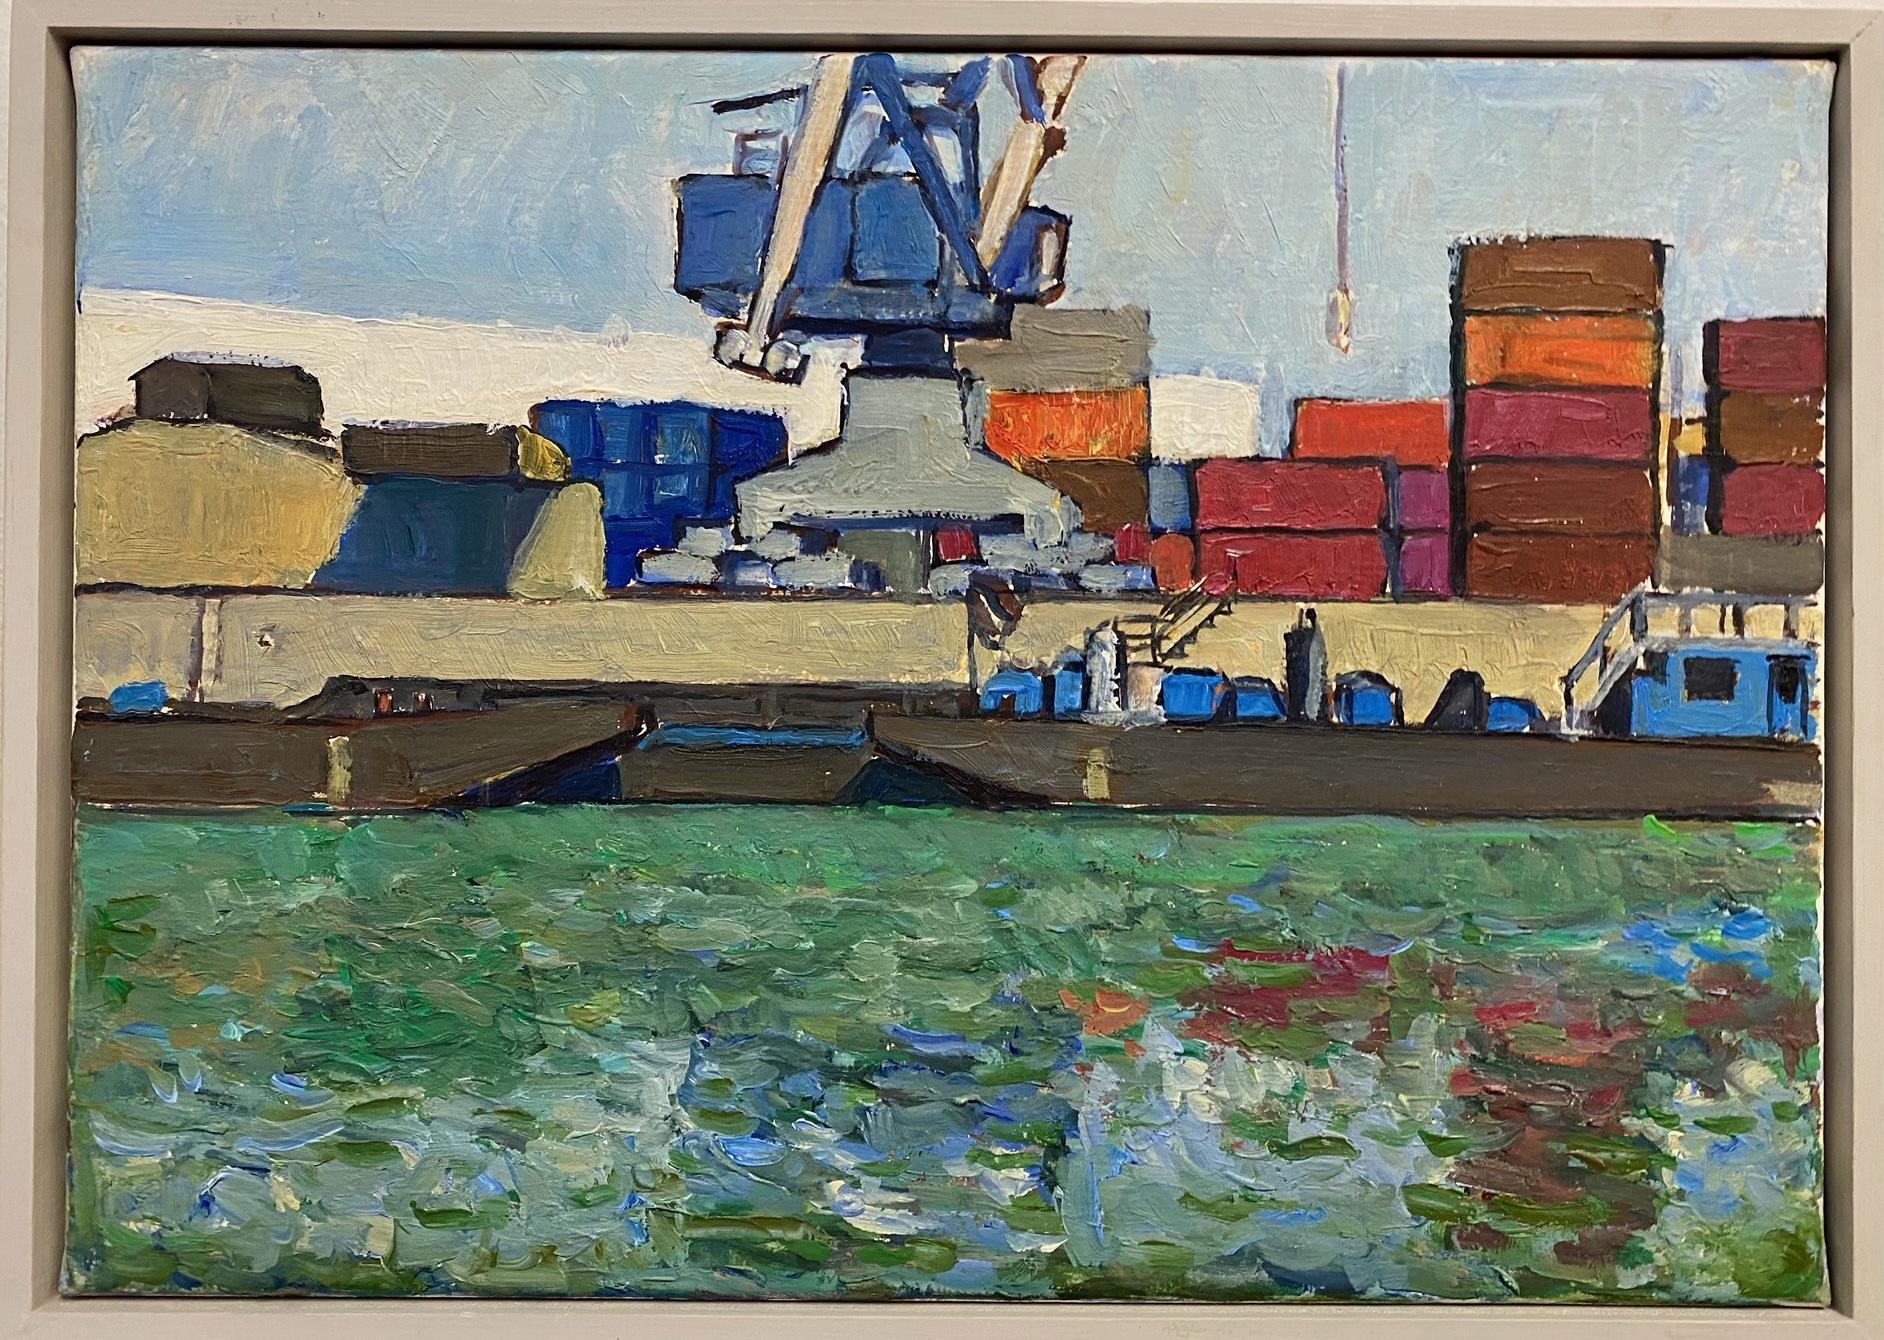 Egli_Freudenauer Hafen II, Öl auf Leinwand, 35 x 25 cm, 2010